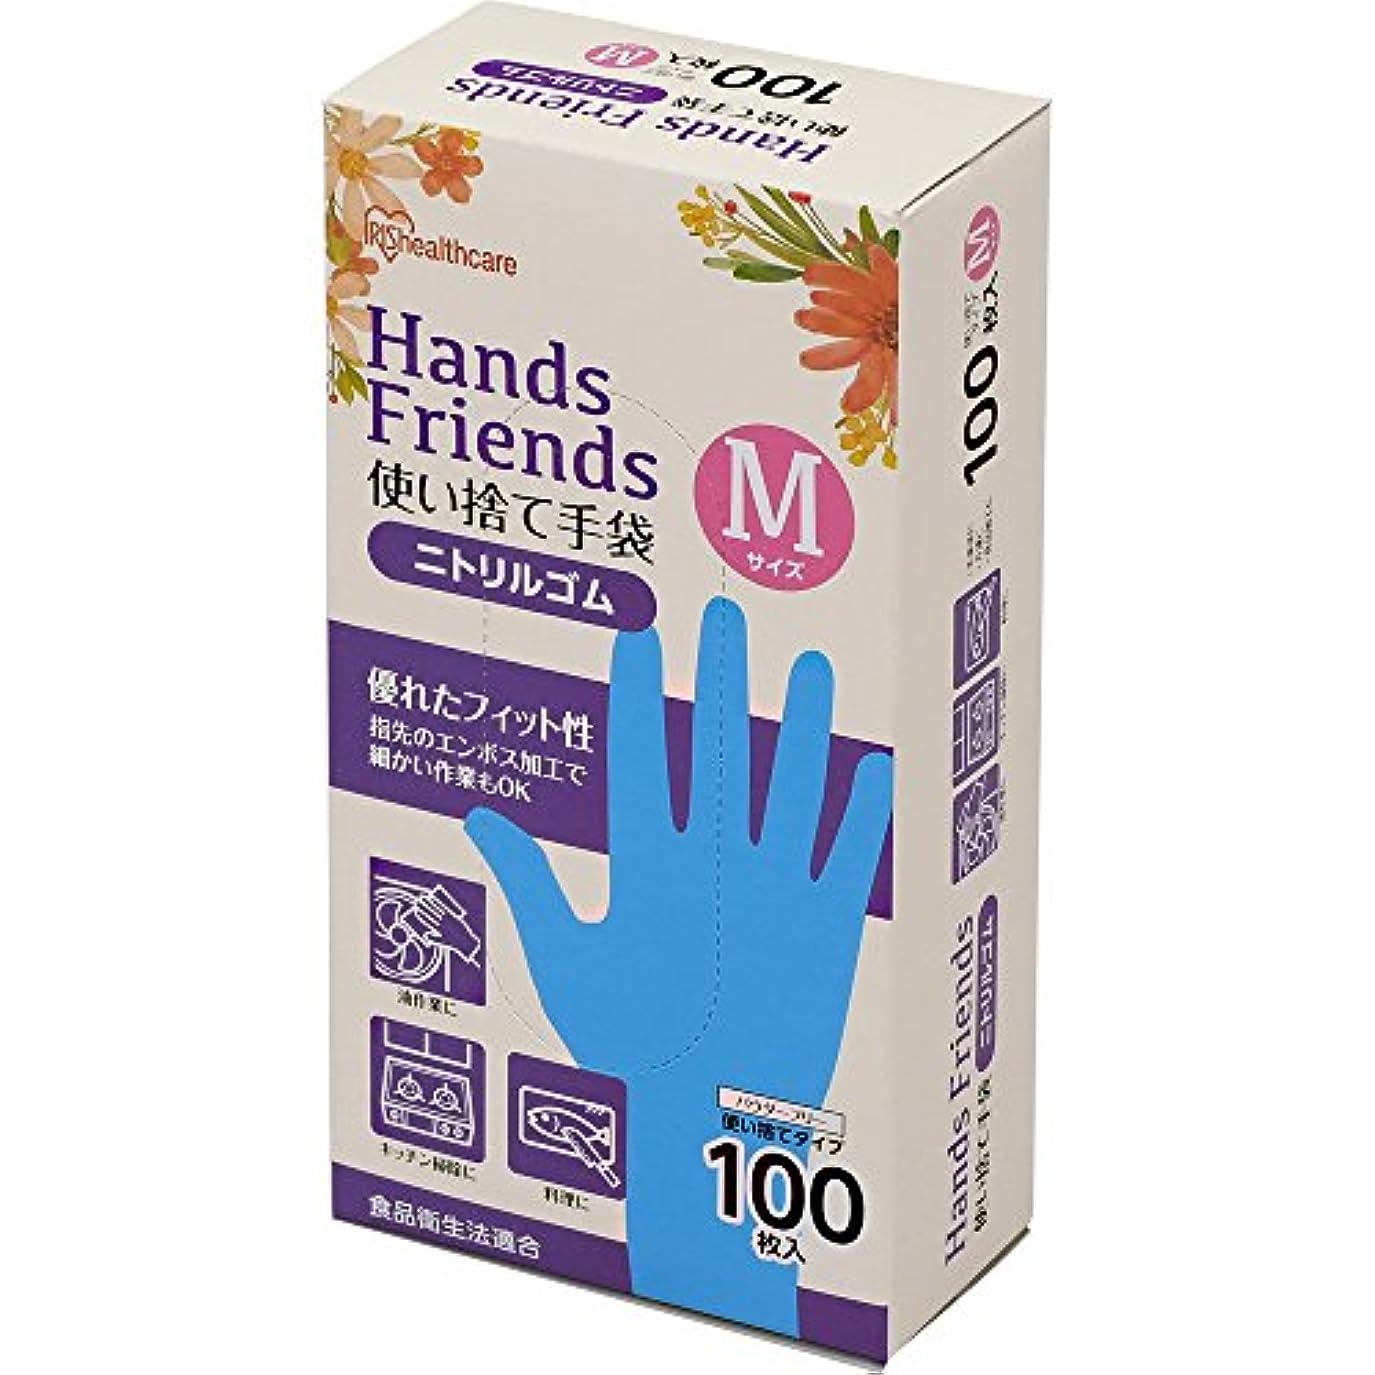 デマンドコメントじゃがいも使い捨て手袋 ブルー ニトリルゴム 100枚 Mサイズ NBR-100M